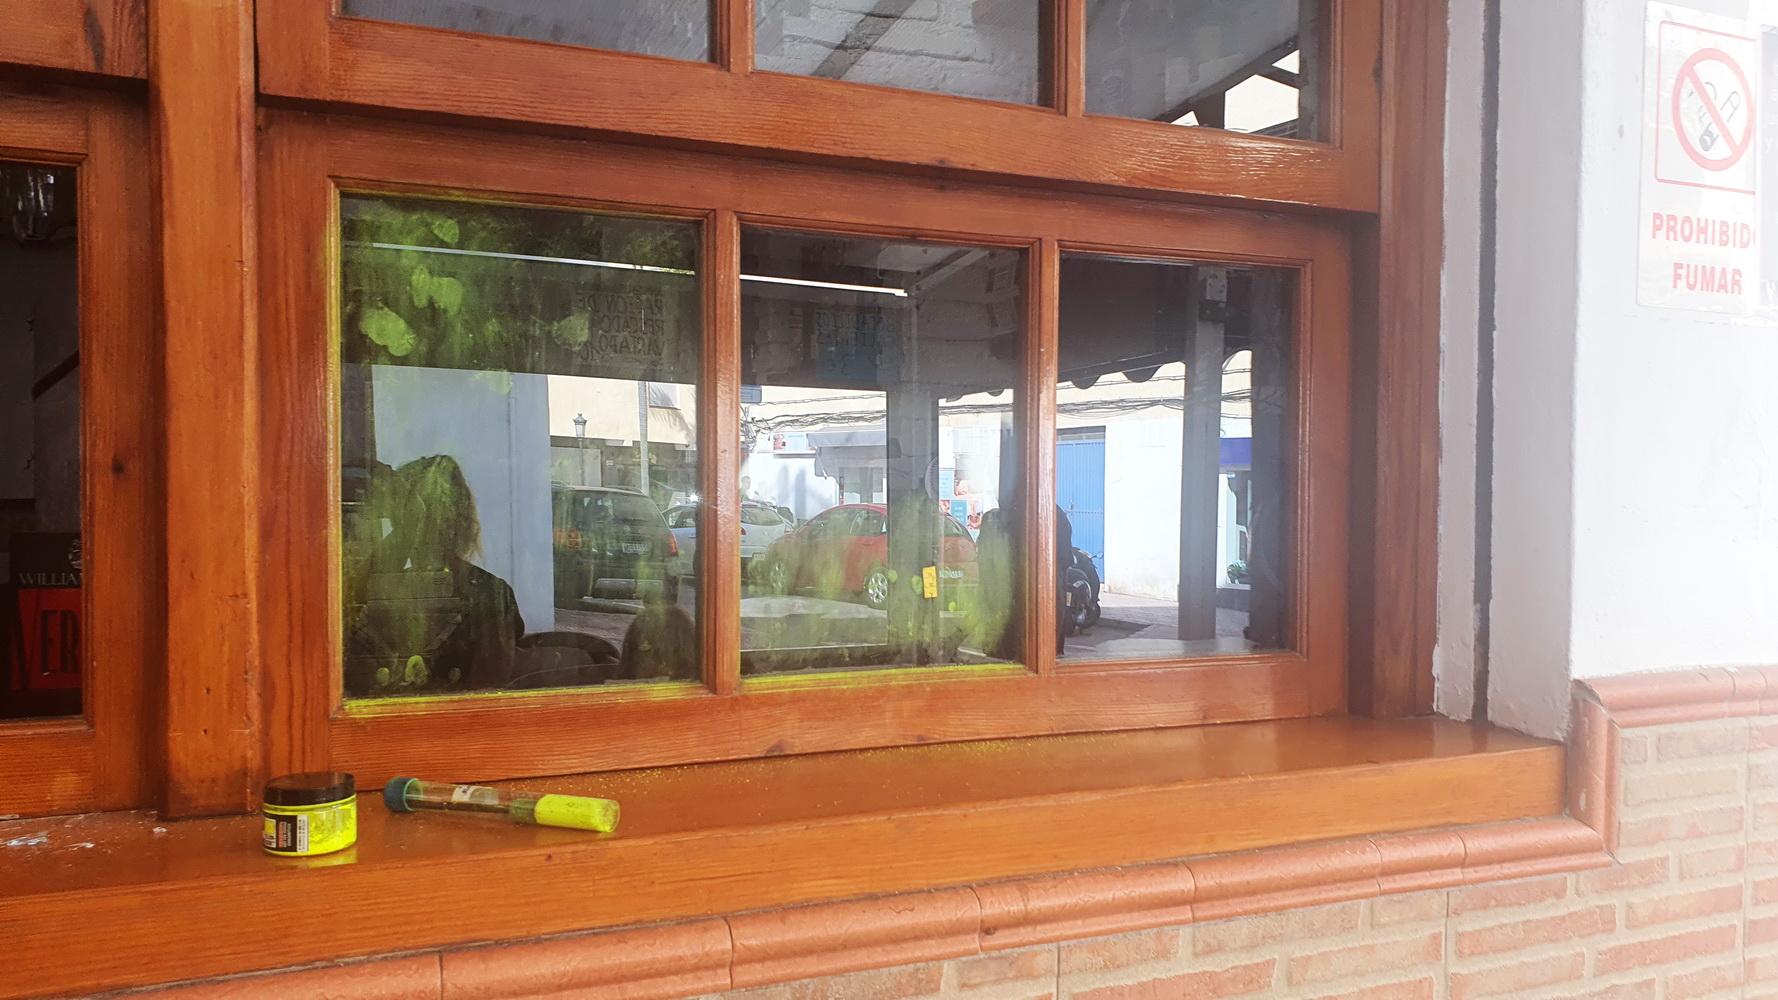 Al atraco de una entidad bancaria la pasada semana  se suma otro robo en un bar restaurante de Almuñécar durante esta madrugada